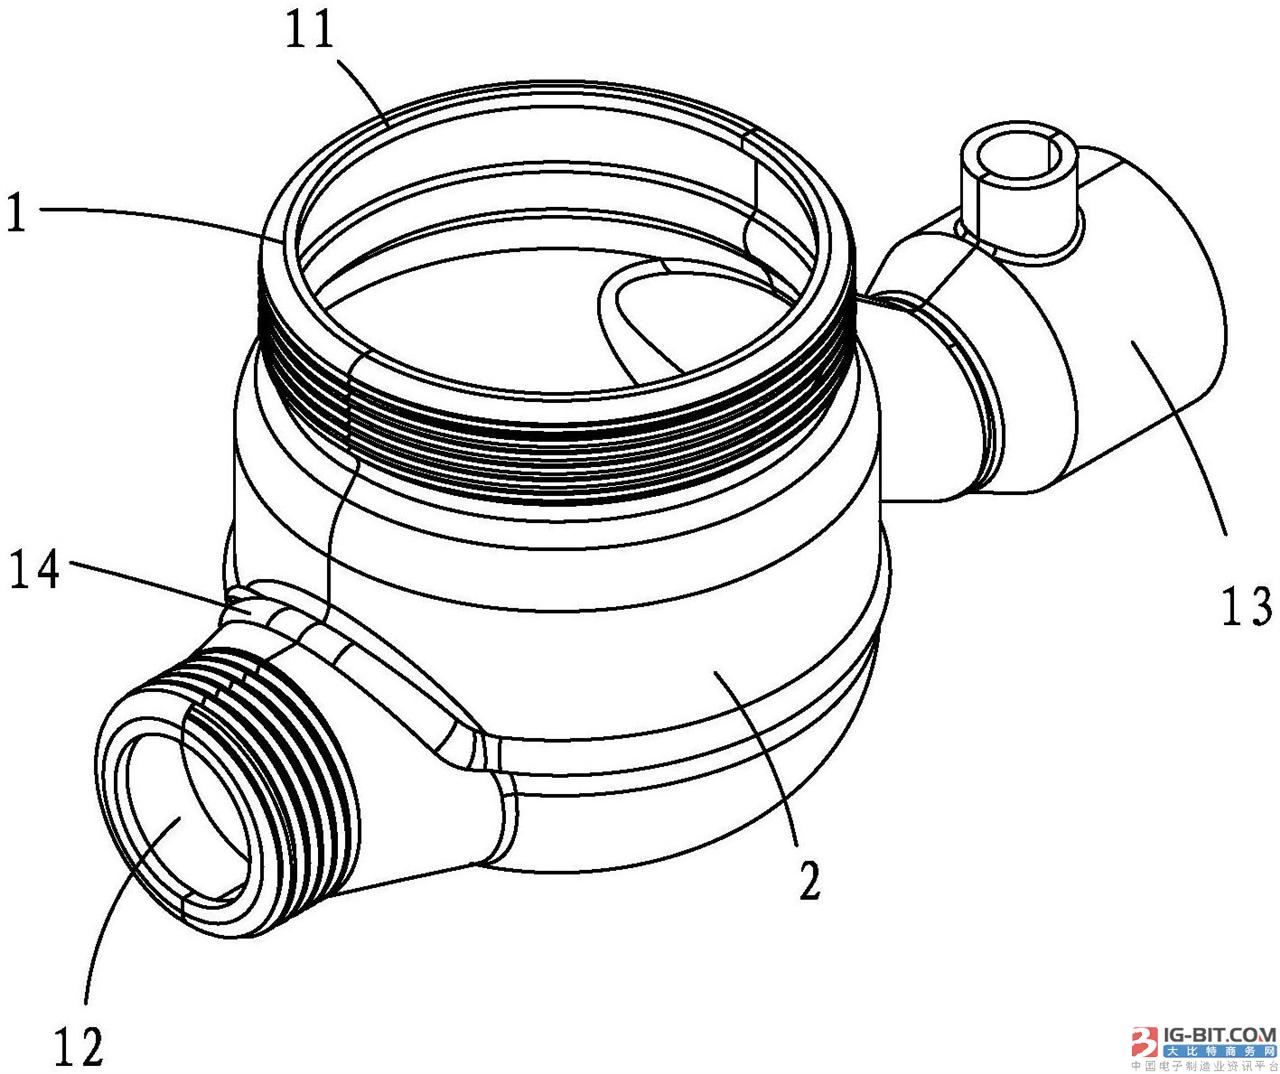 【仪表专利】一种两半式拼装水表壳体及其加工方法